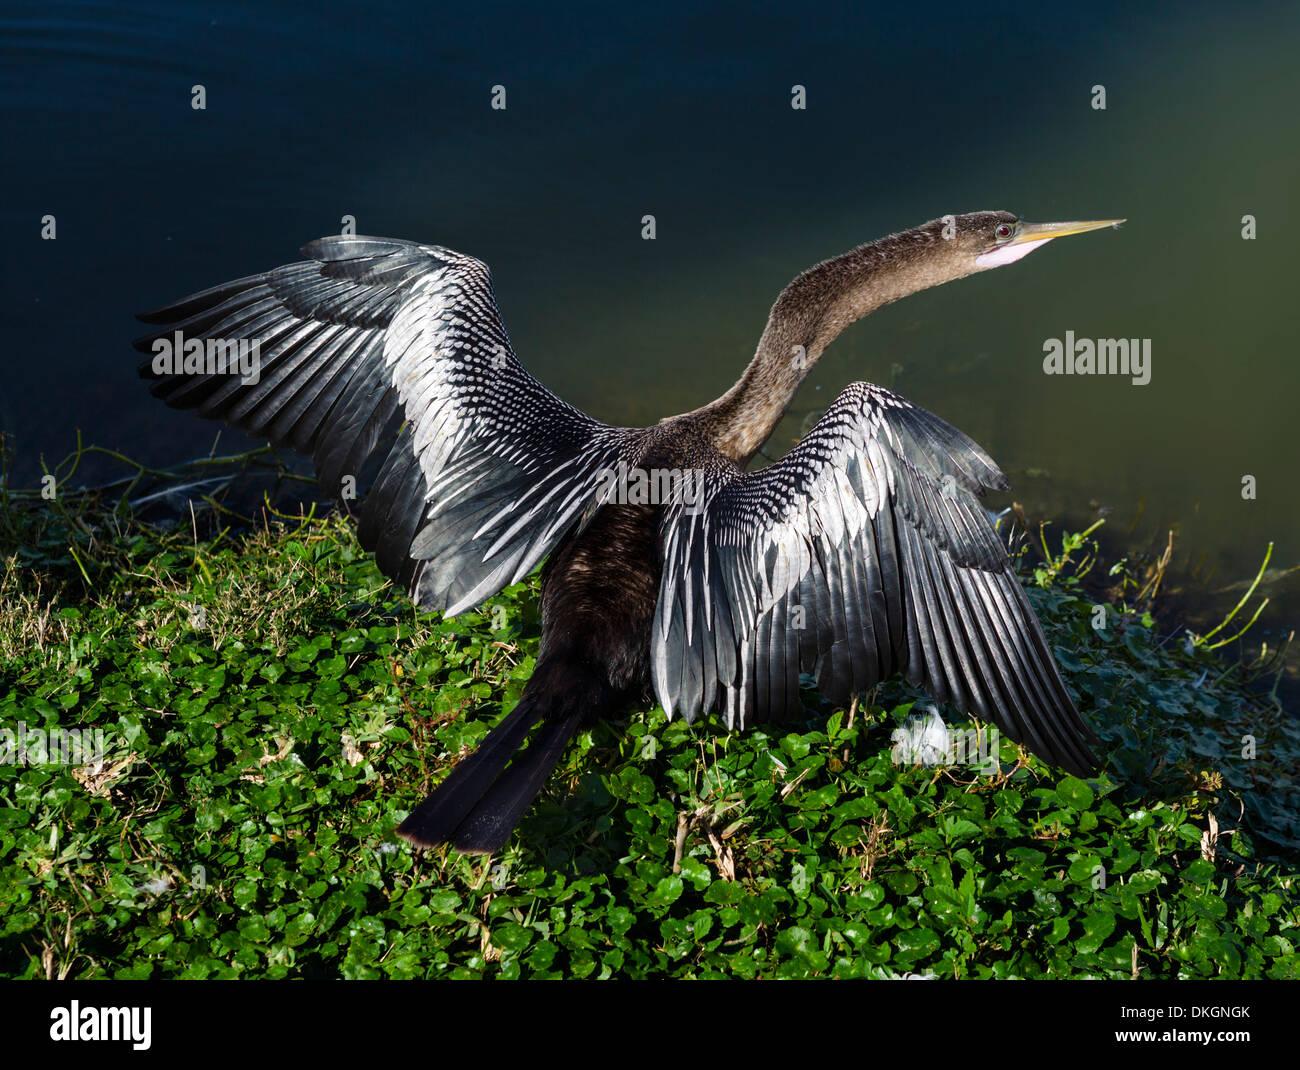 Anhinga (Anhinga anhinga) drying it's wings in the sun on the shores of Lake Morton, Lakeland, Polk County, Central Florida, USA - Stock Image